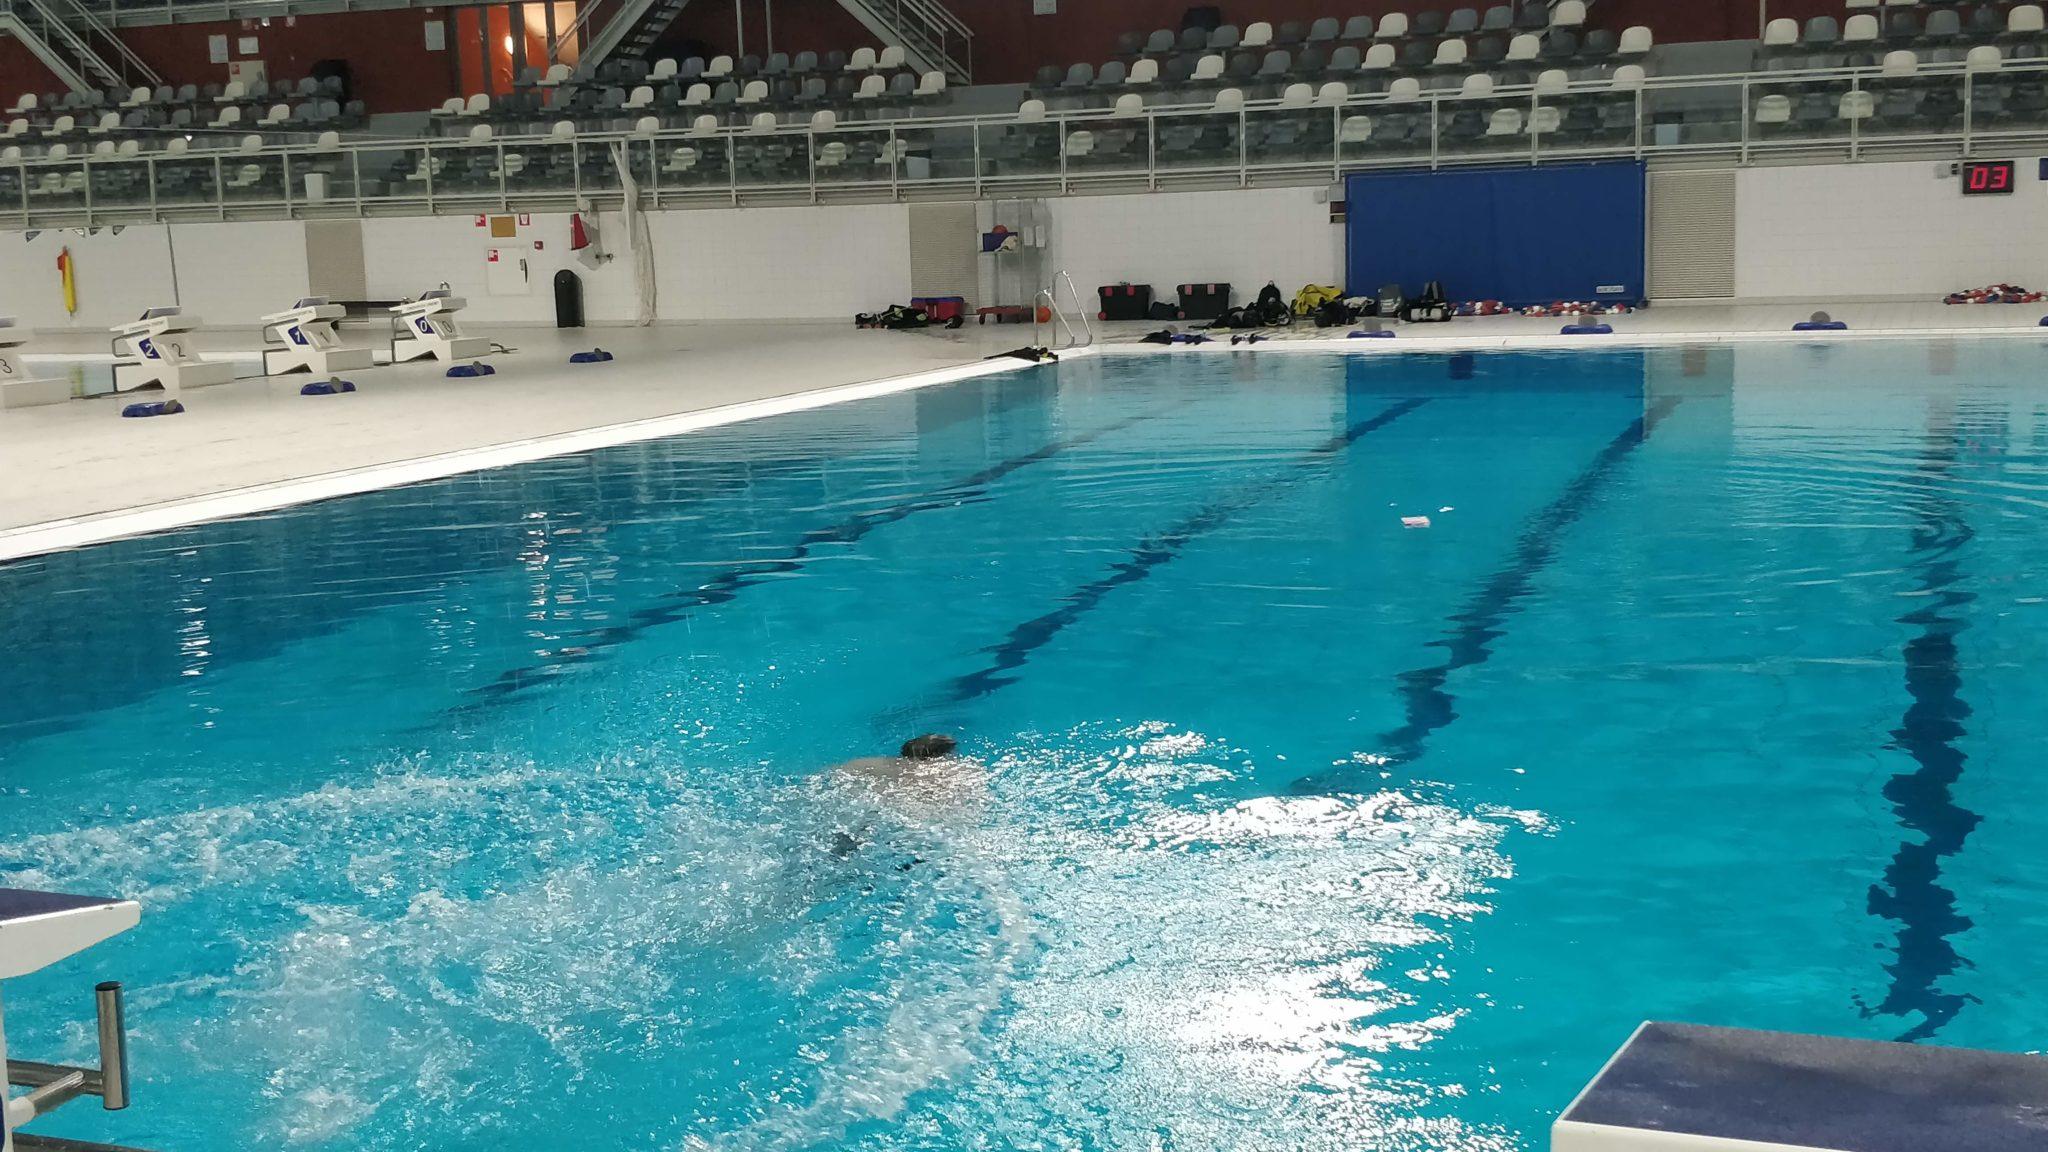 Alle zwembadtrainingen, clubavonden en de extra intro-avond afgelast